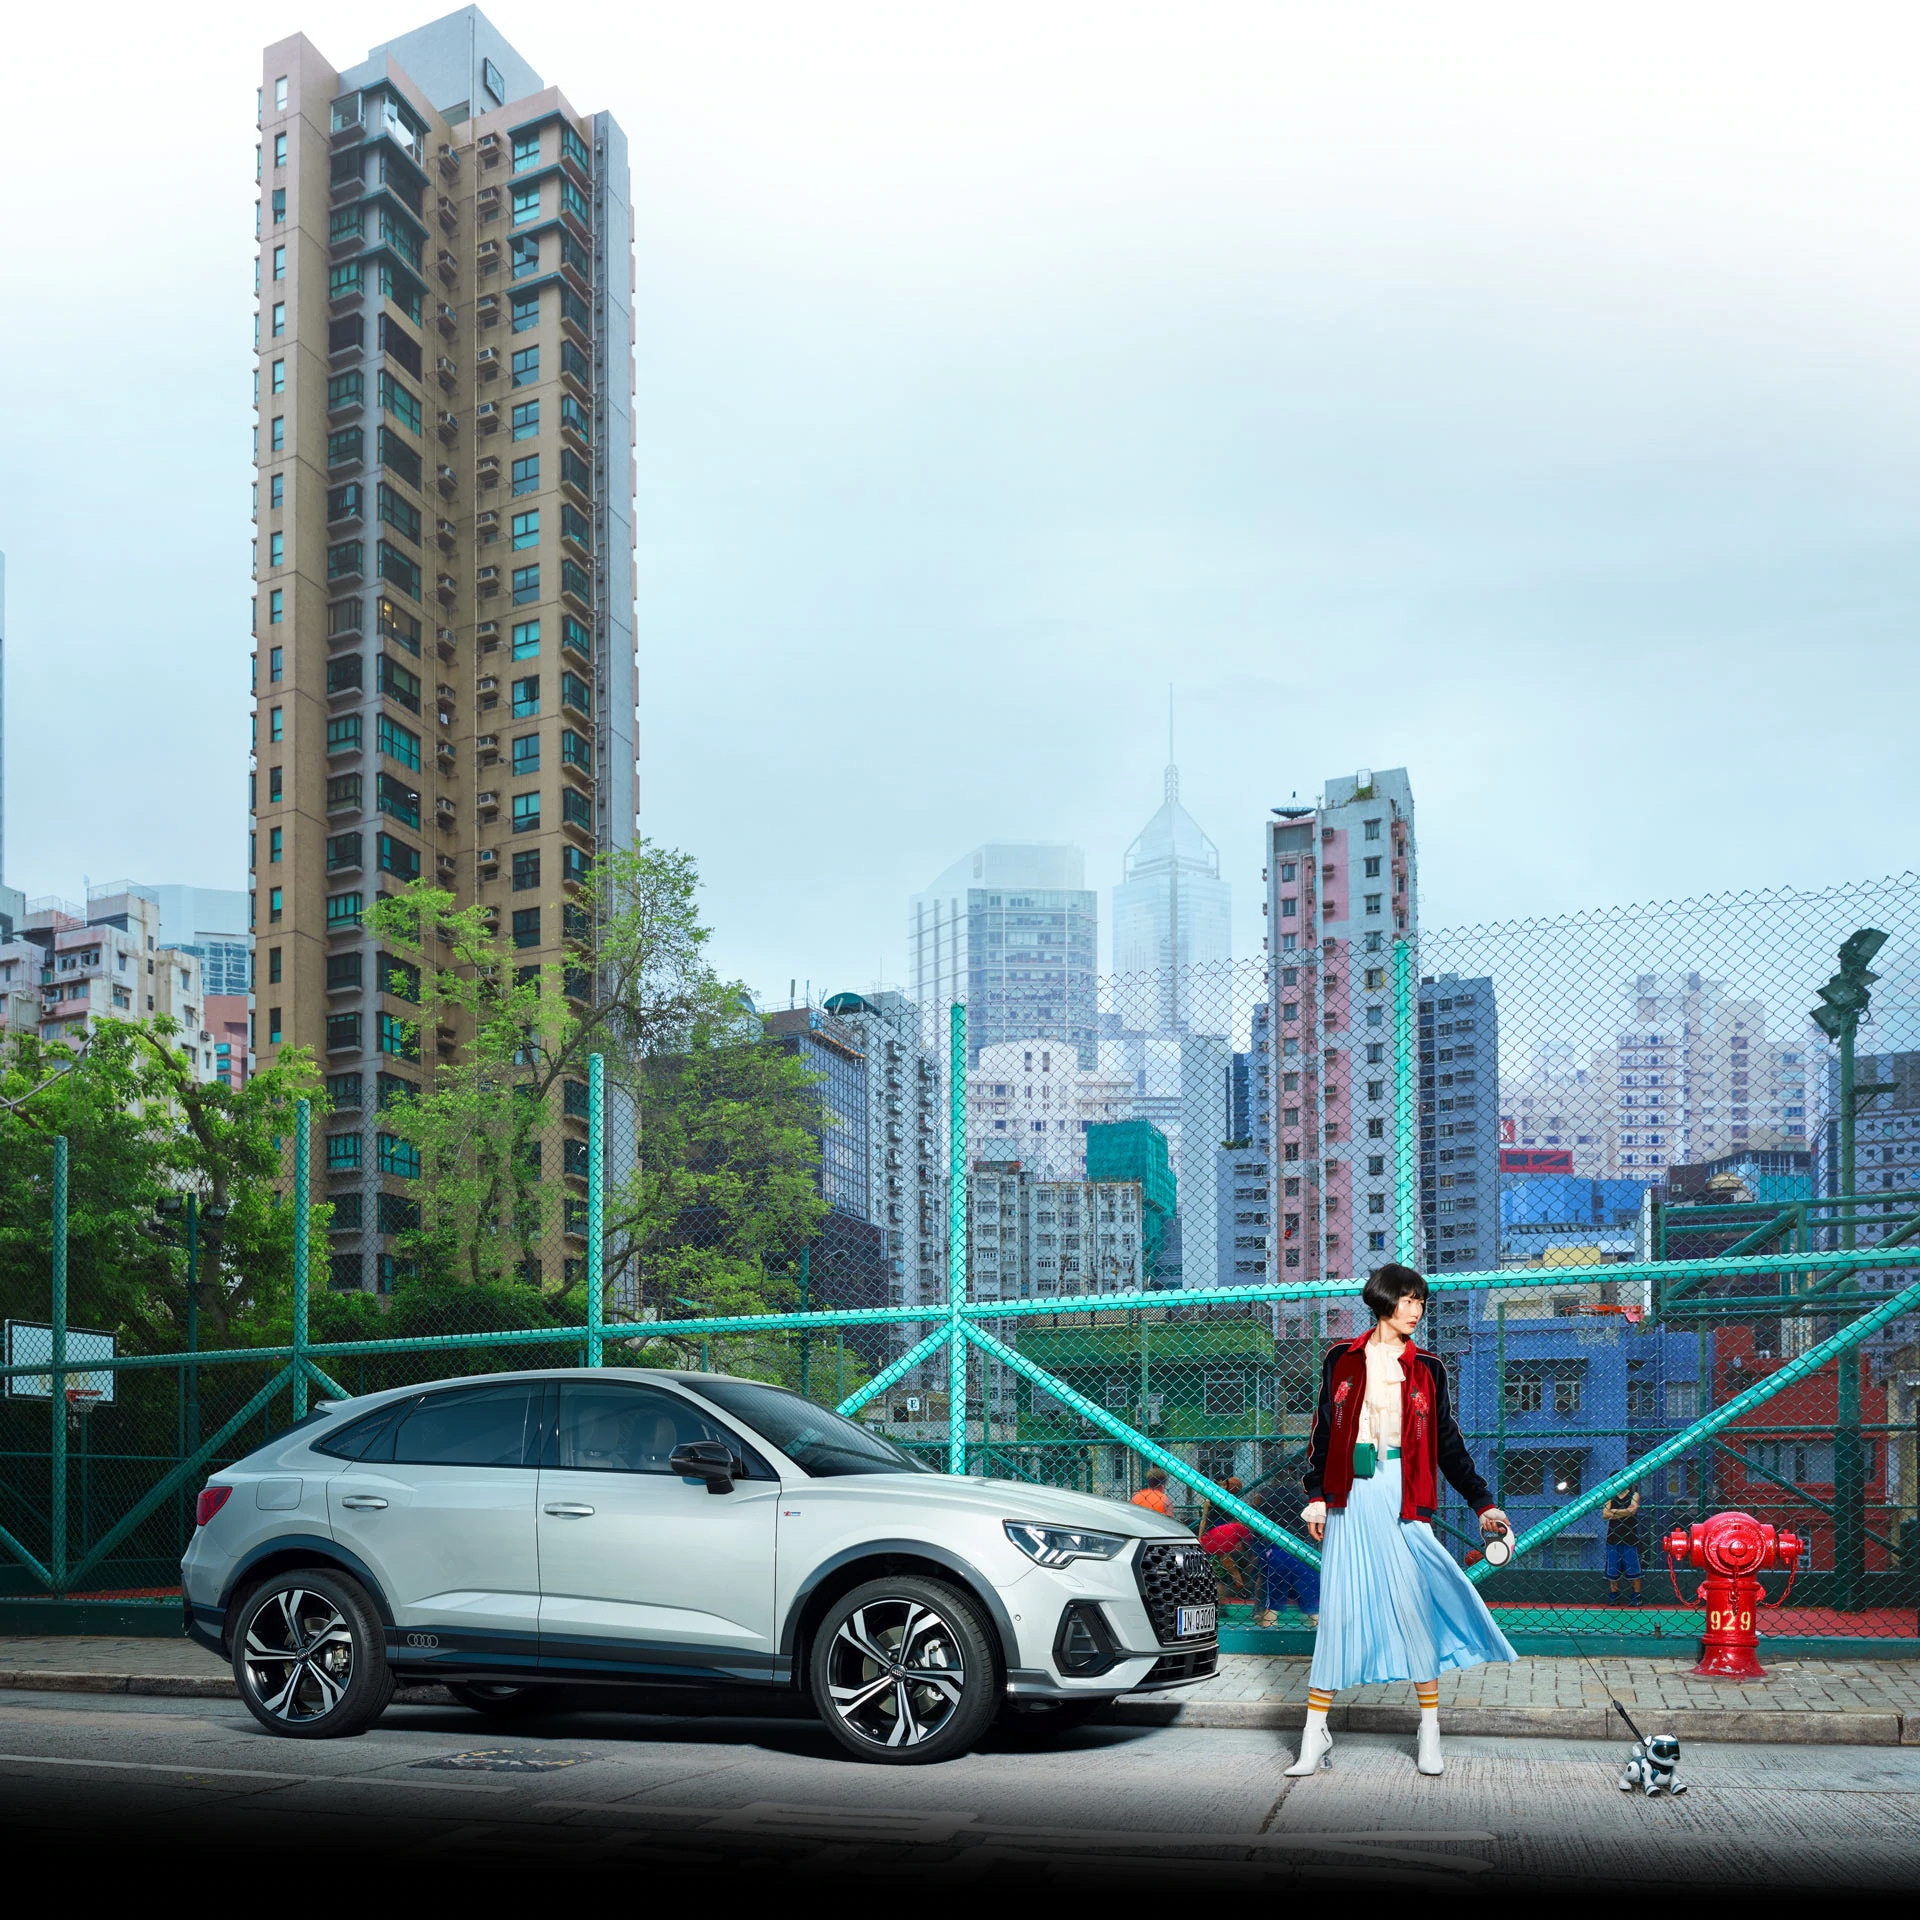 Ženska sprehaja robotskega psa. Zraven Audi e-tron, v ozadju mesto.